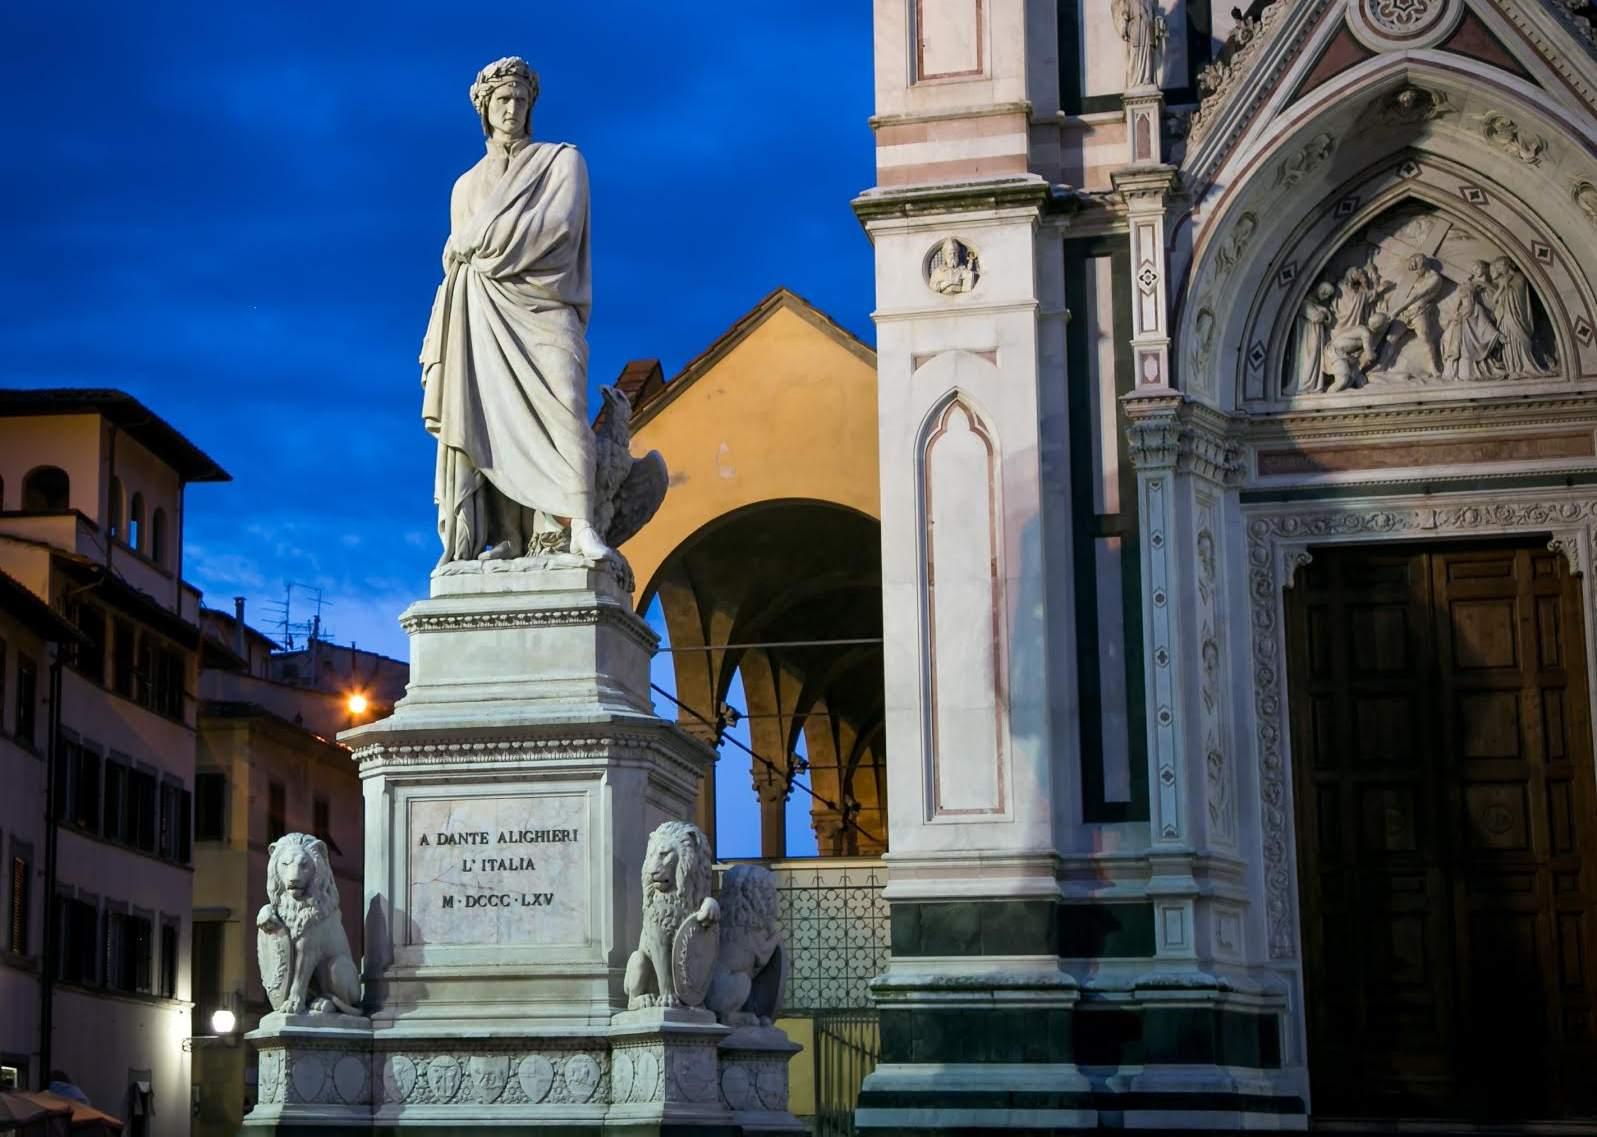 Dante Piazza Santa Croce Enrico Pazzi 1865